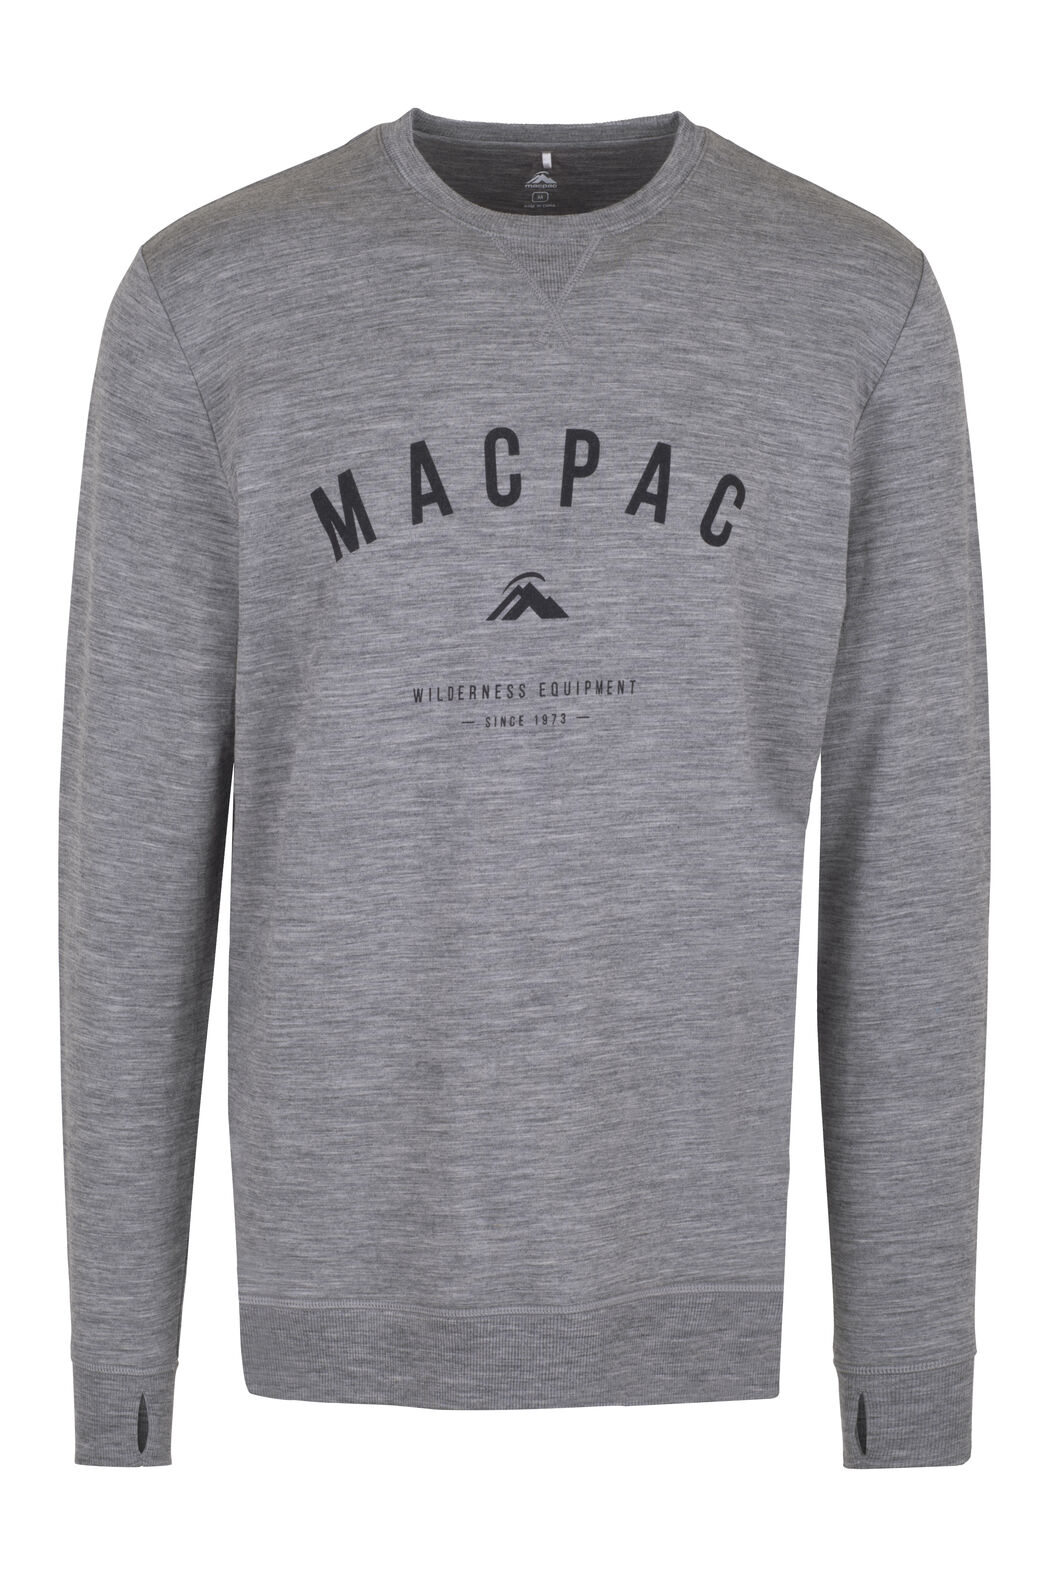 Macpac No Borders Merino Crew - Men's, Grey Marle, hi-res